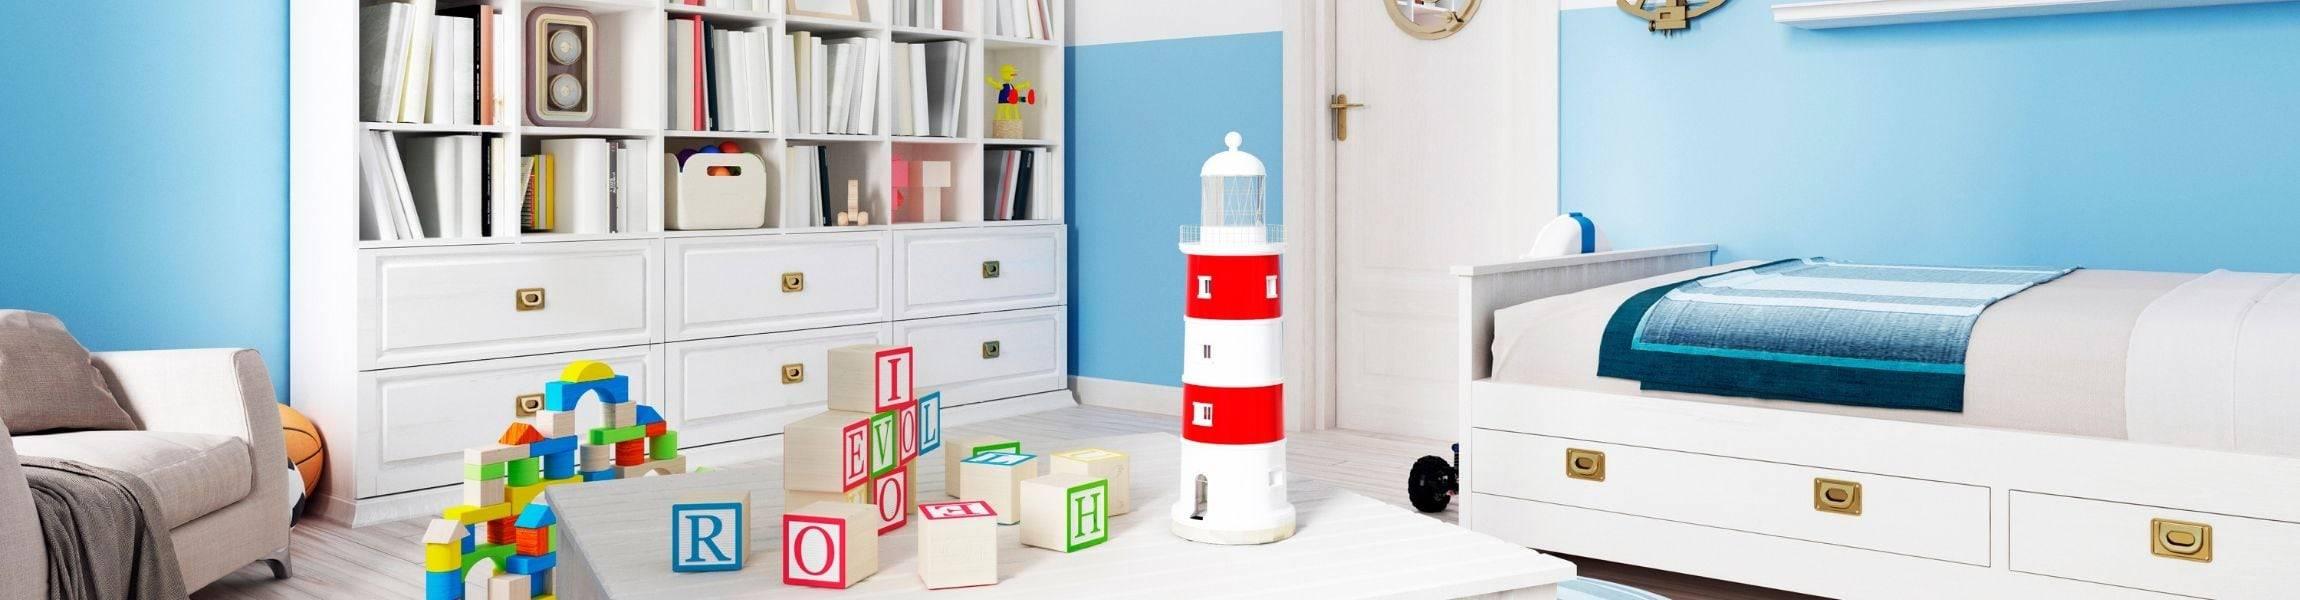 Mobilier et décoration pour la chambre enfant - Casalou.fr